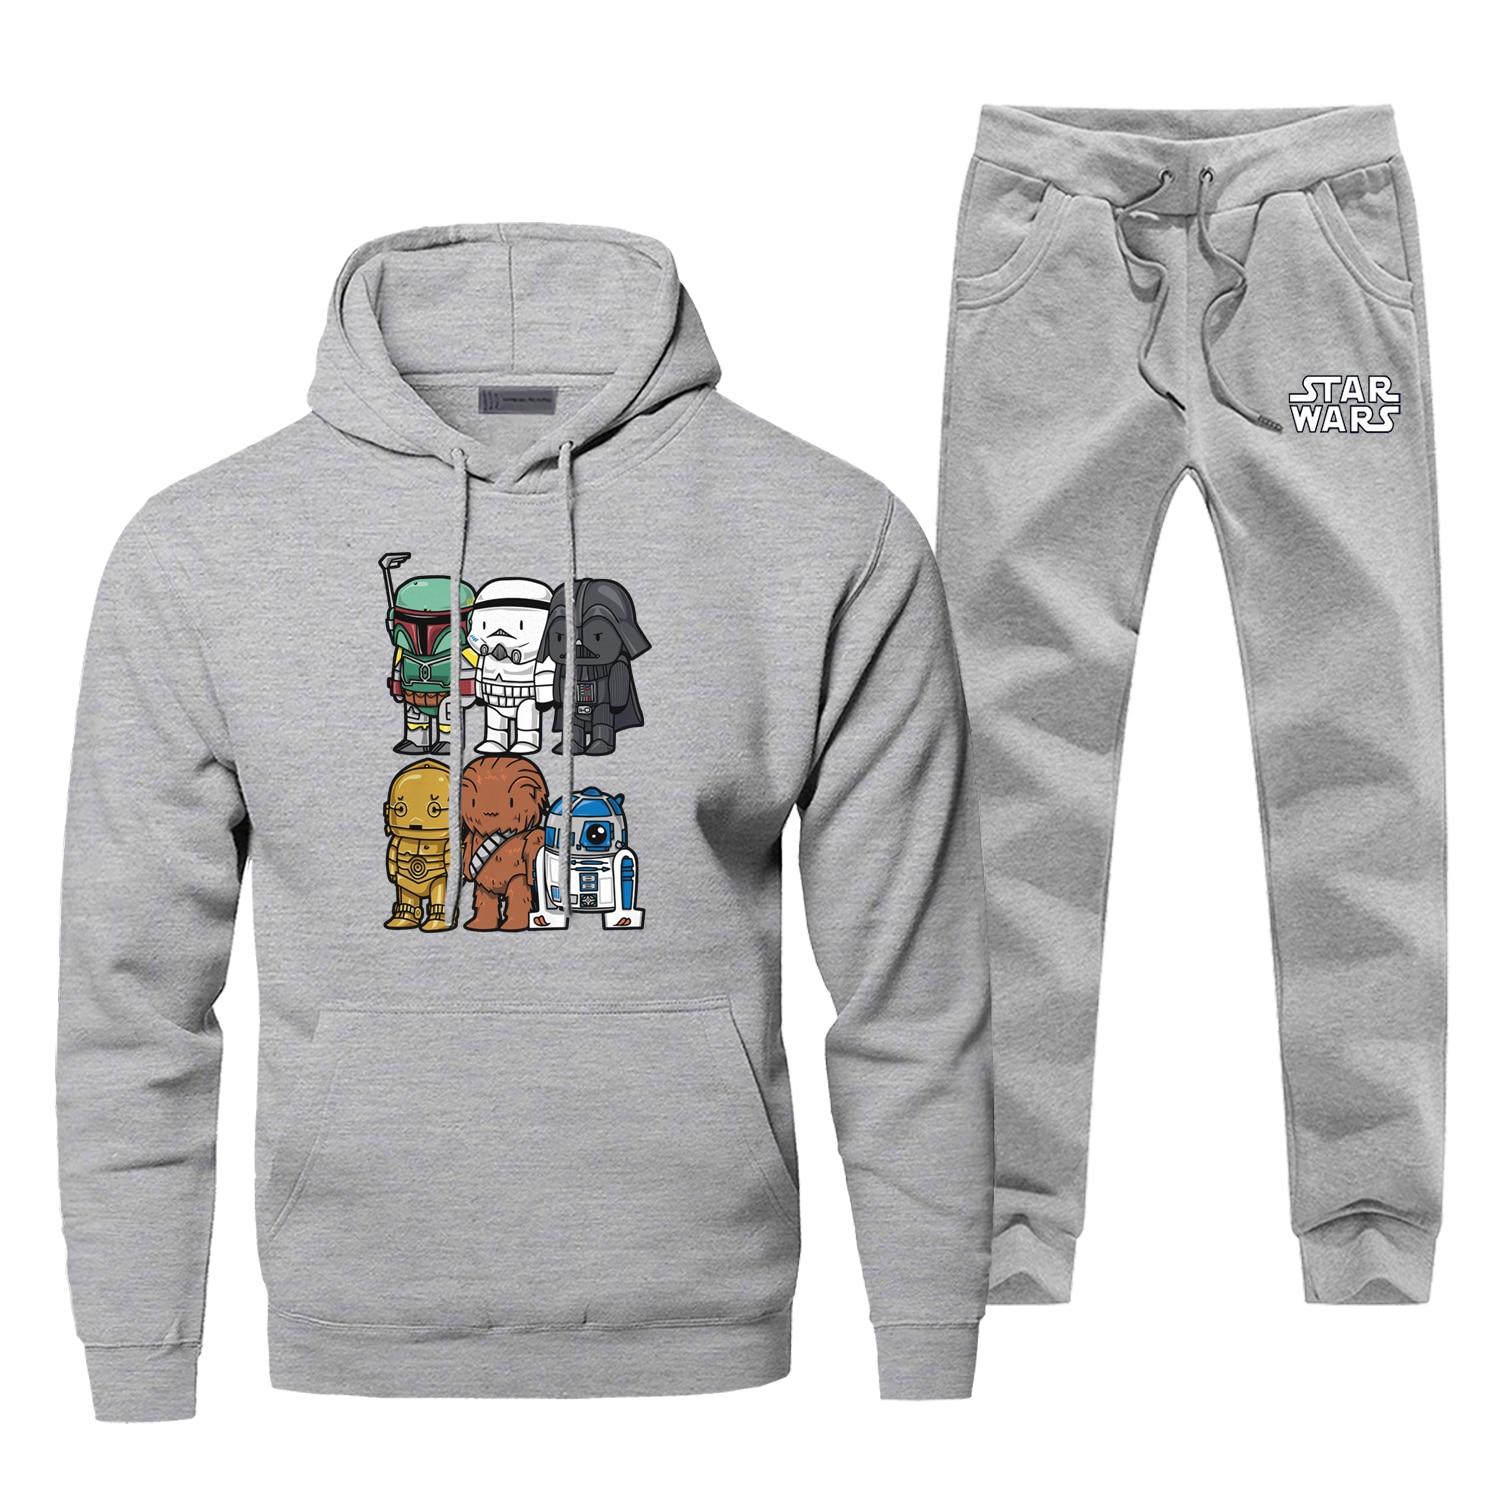 Hoodie Pants Set Star Wars Men Sweatshirt Darth Vader Male Hoodies Sweatshirts Mens Sets Two Piece Pant Pullover Cartoon Coat